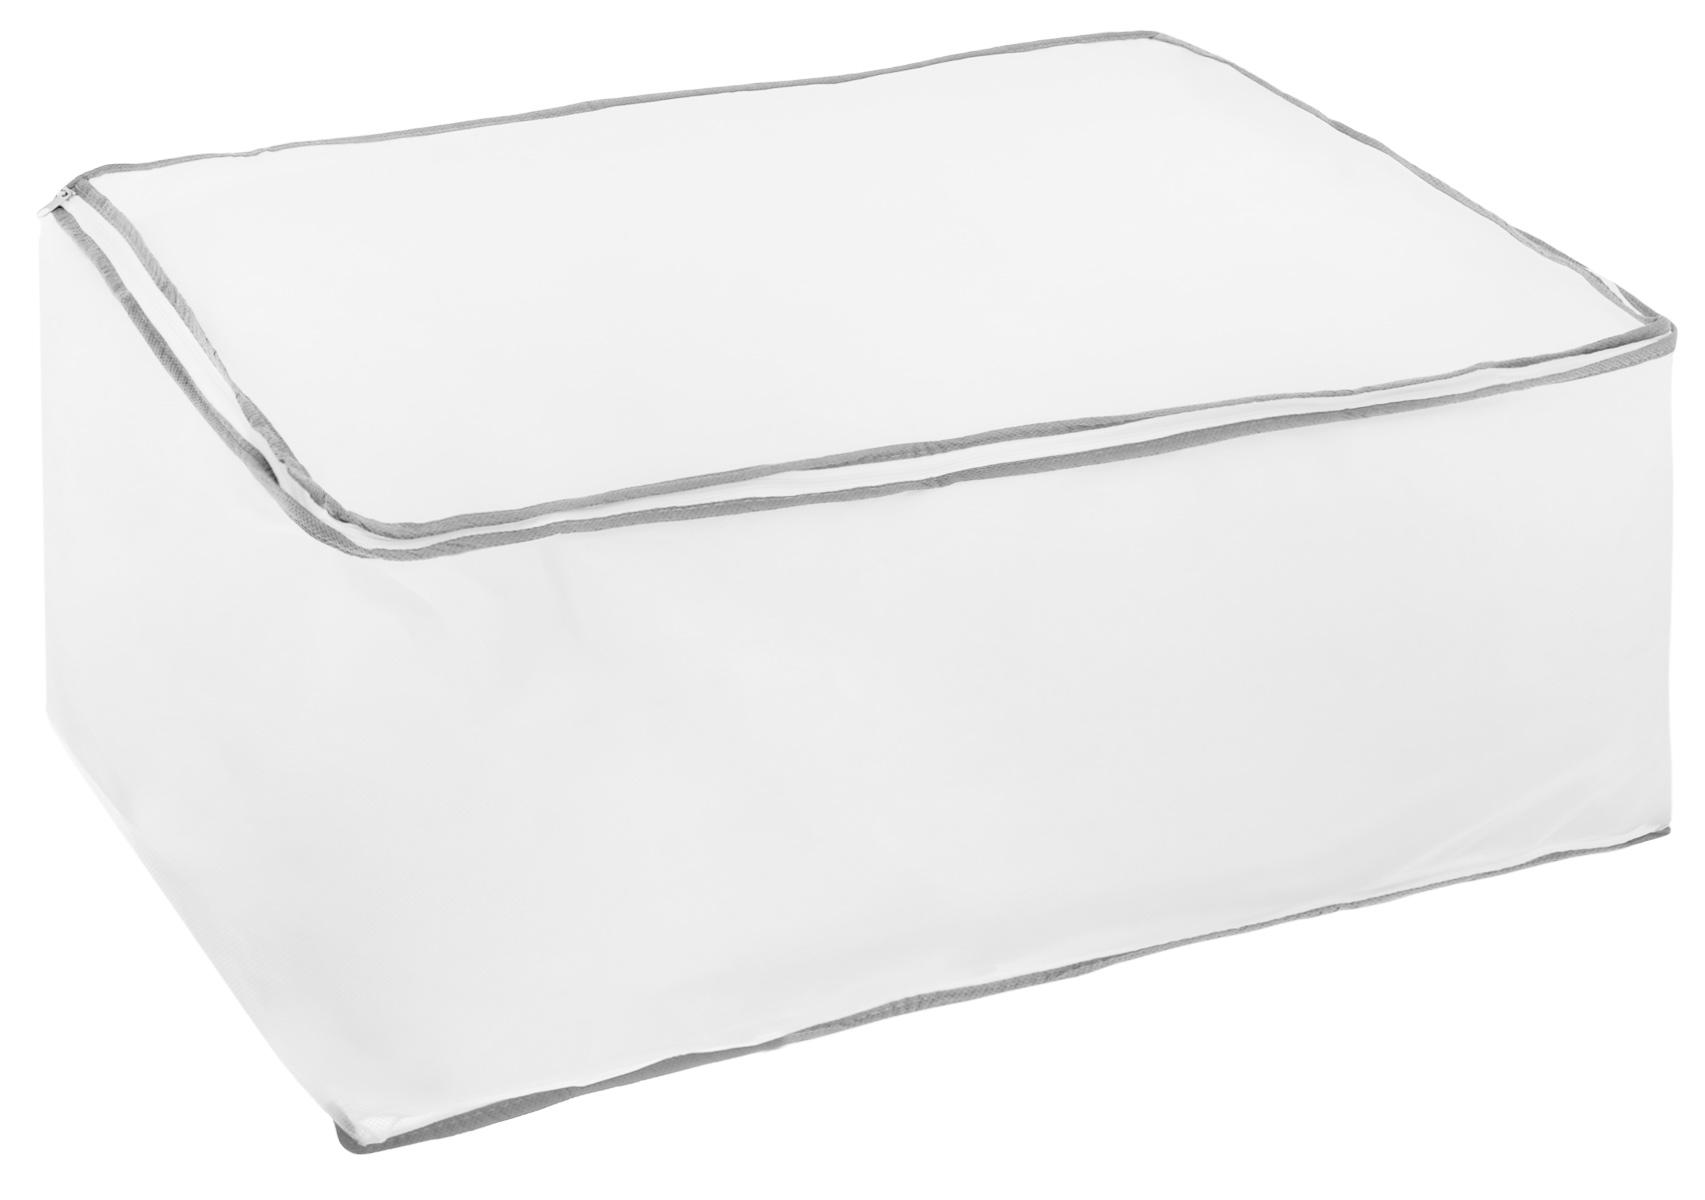 Кофр для хранения Hausmann, цвет: белый, серый, 60 х 40 х 30 смБрелок для ключейКофр Hausmann, предназначенный дляхранения и транспортировки вещей, изготовлен из нетканого материала высокого качества.Особая фактура ткани не пропускает пыль и при этом позволяет воздуху свободно проникать внутрь, обеспечивая естественную вентиляцию. Материал легок, удобен и не образует складок. Особая конструкция позволяет при необходимости одним движением сложить или разложить чехол.